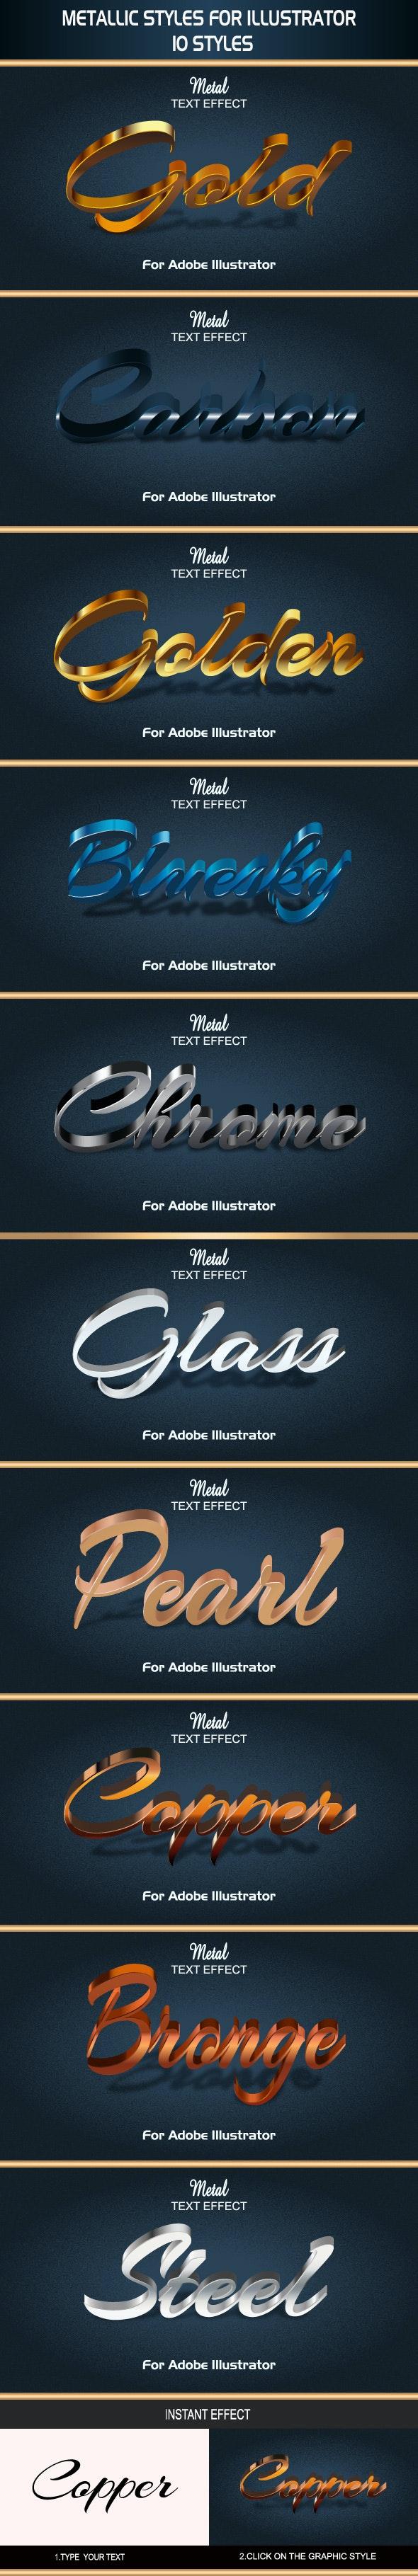 Metallic Styles for Illustrator - Styles Illustrator